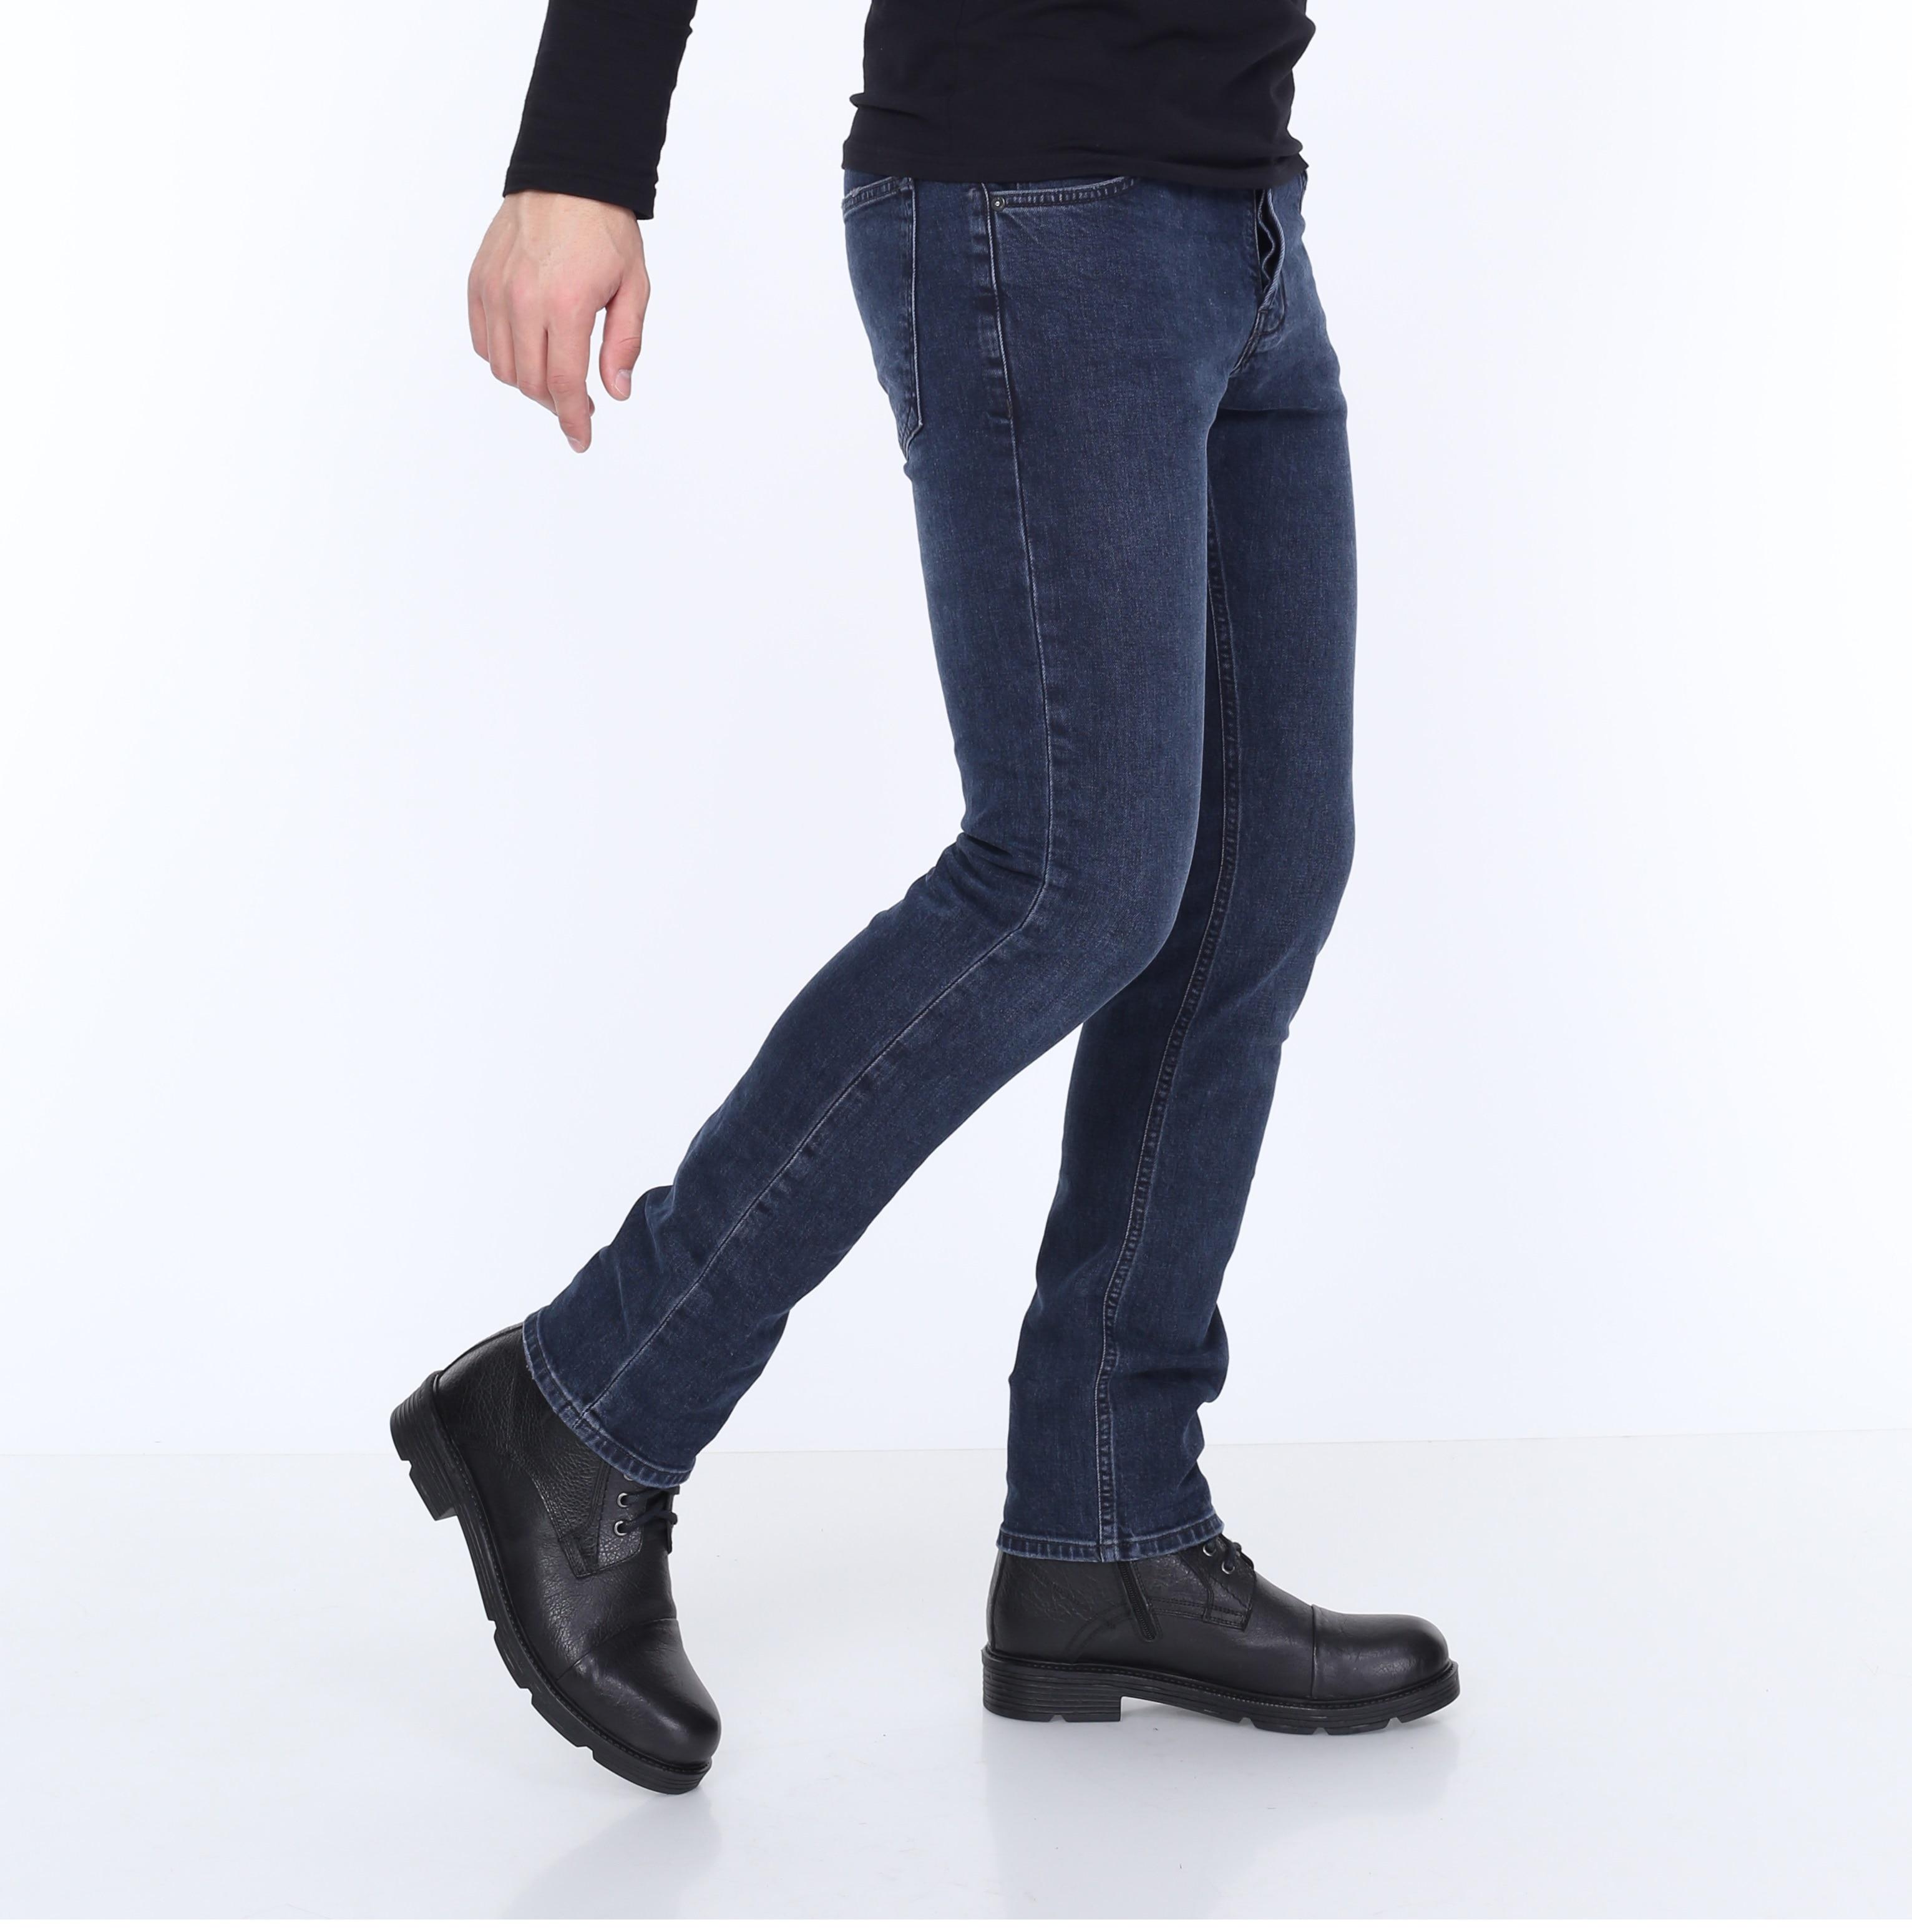 HW 16214 Mens Jeans Slim Fit, Stretch,St.Valentine's Gift For Men Real European Size, Comfort, Turkish, Стильный дизайн,Homme